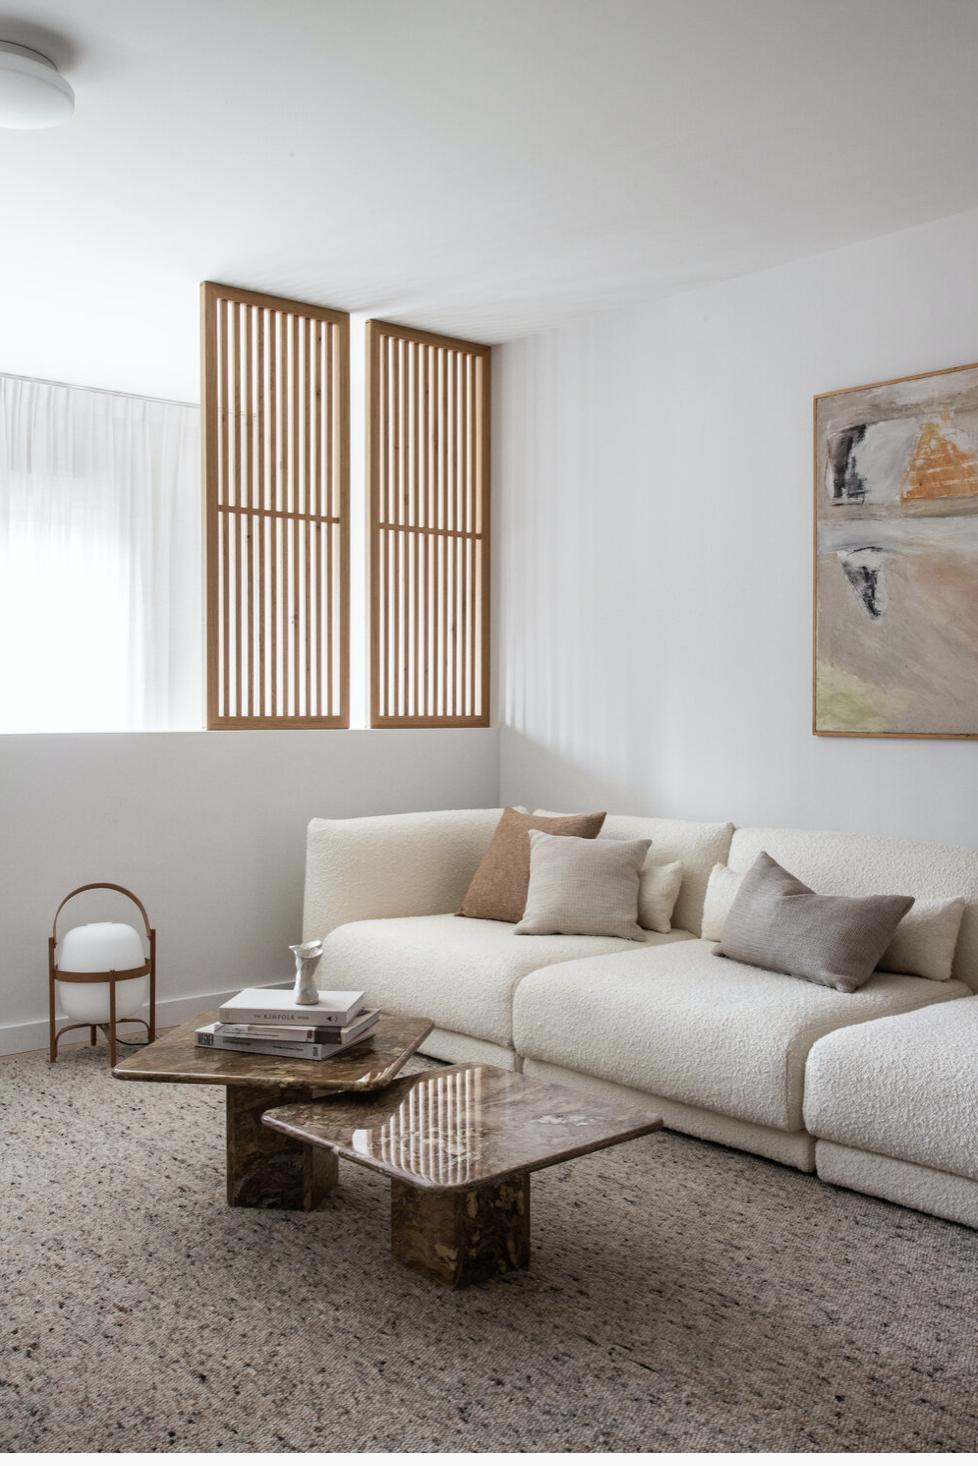 Un grand canapé en laine bouclée devant un claustra culissant en bois. Murs blanc, tapis beige, tables basses gigognes carrées.